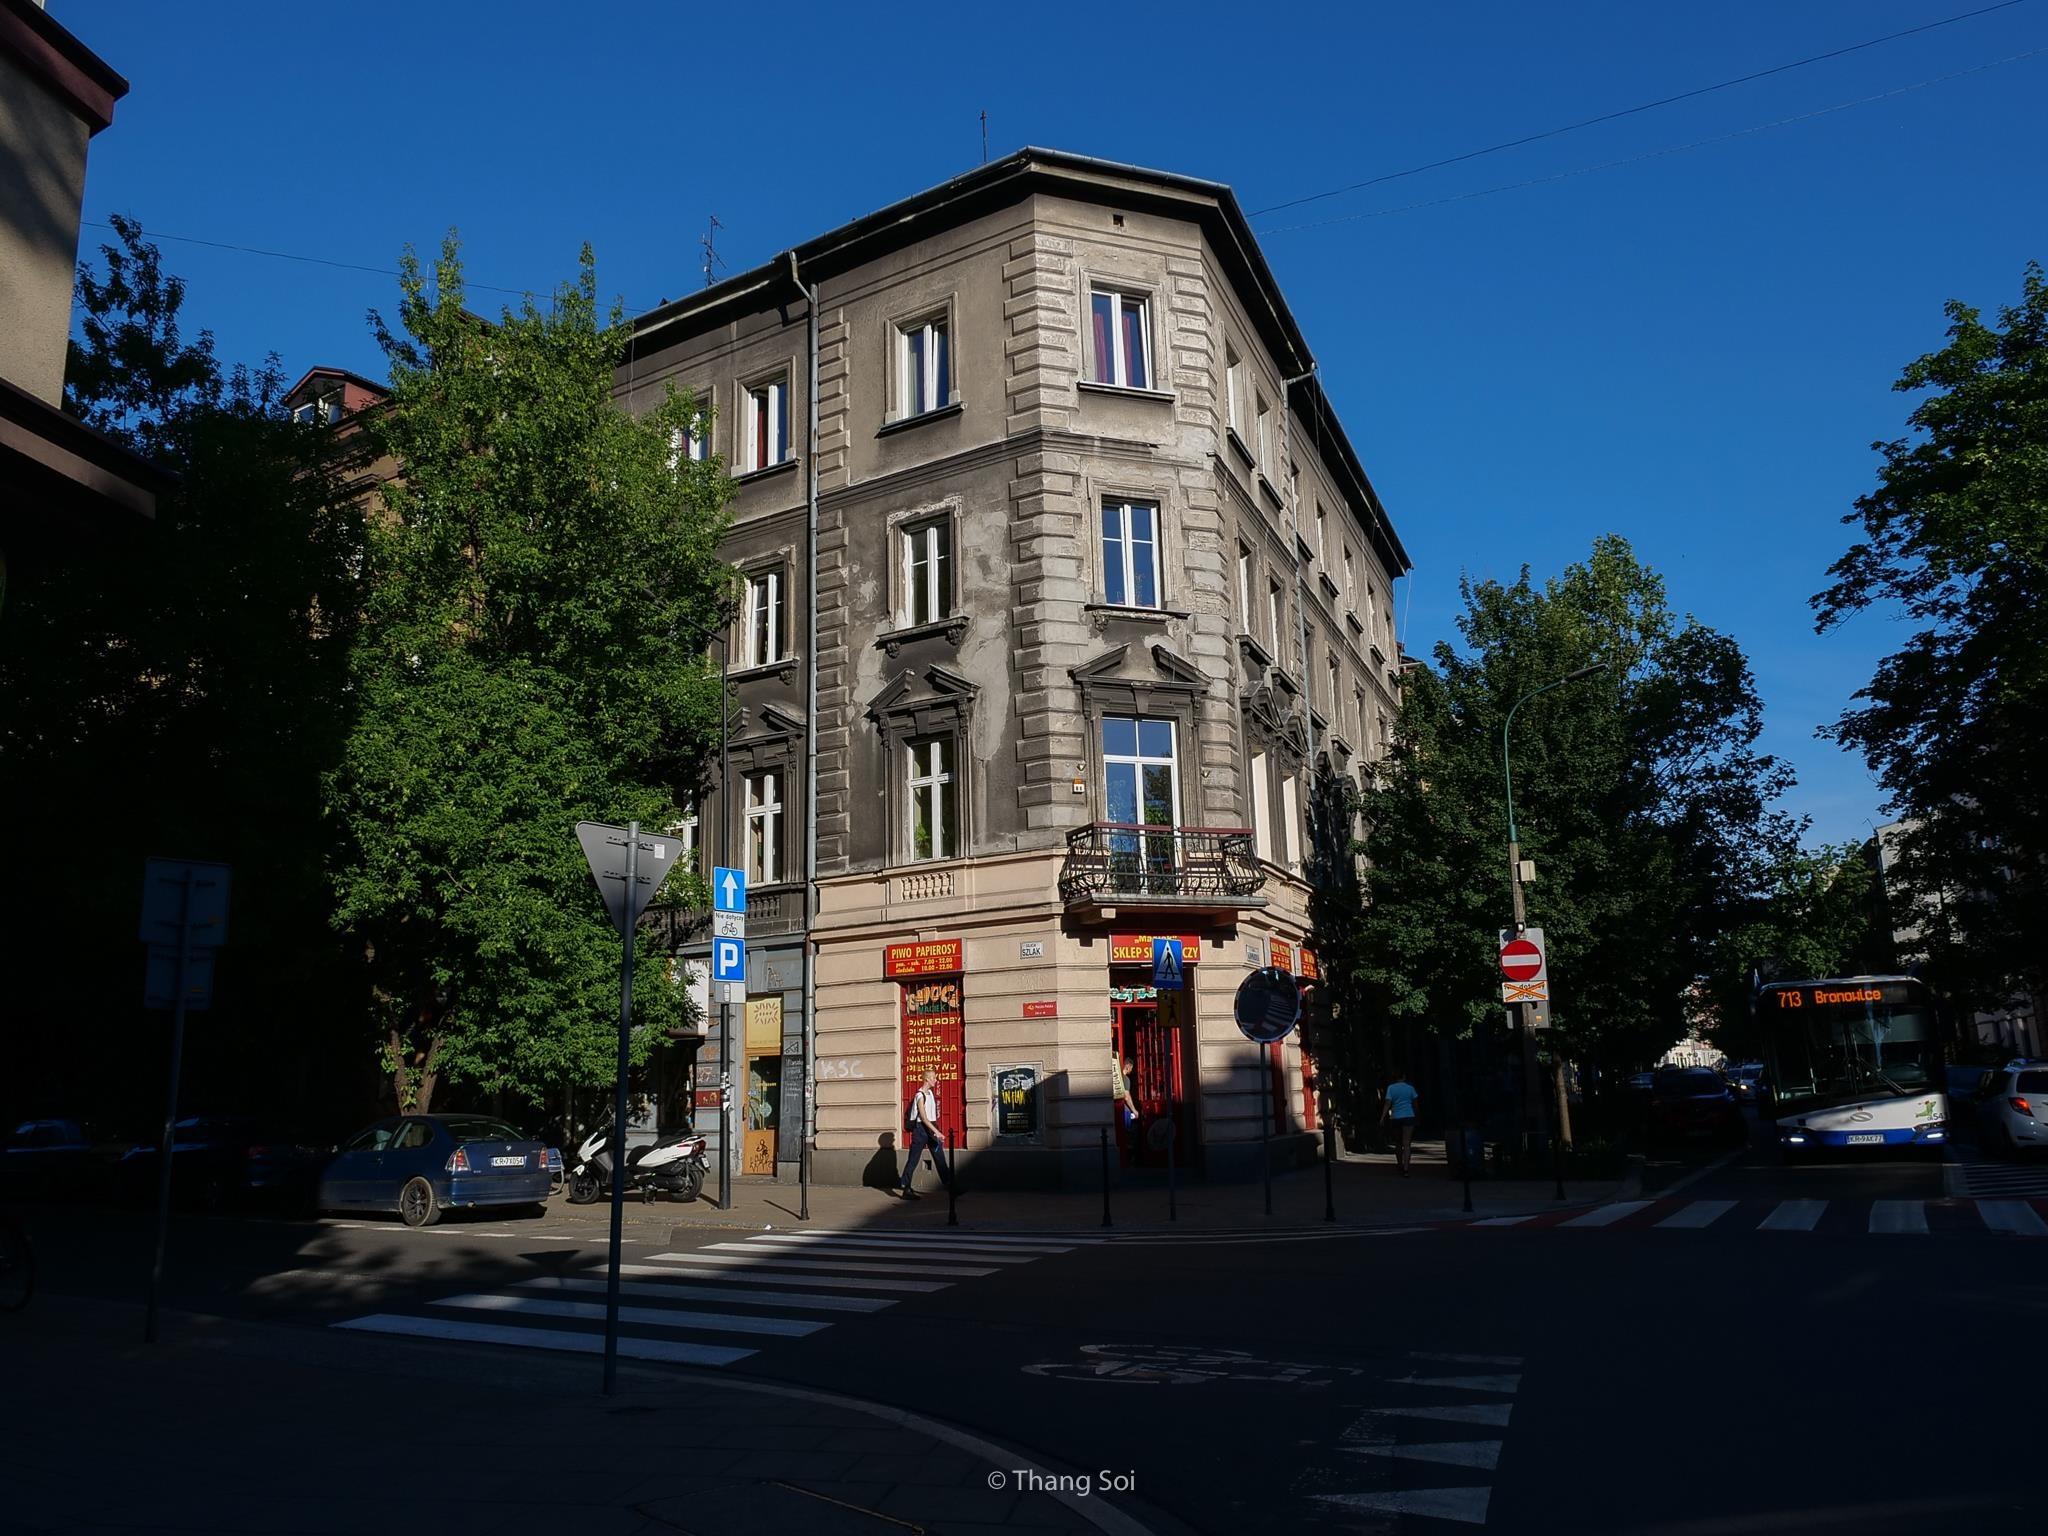 Krakow, kinh do co phai ghe tham khi den Ba Lan hinh anh 9